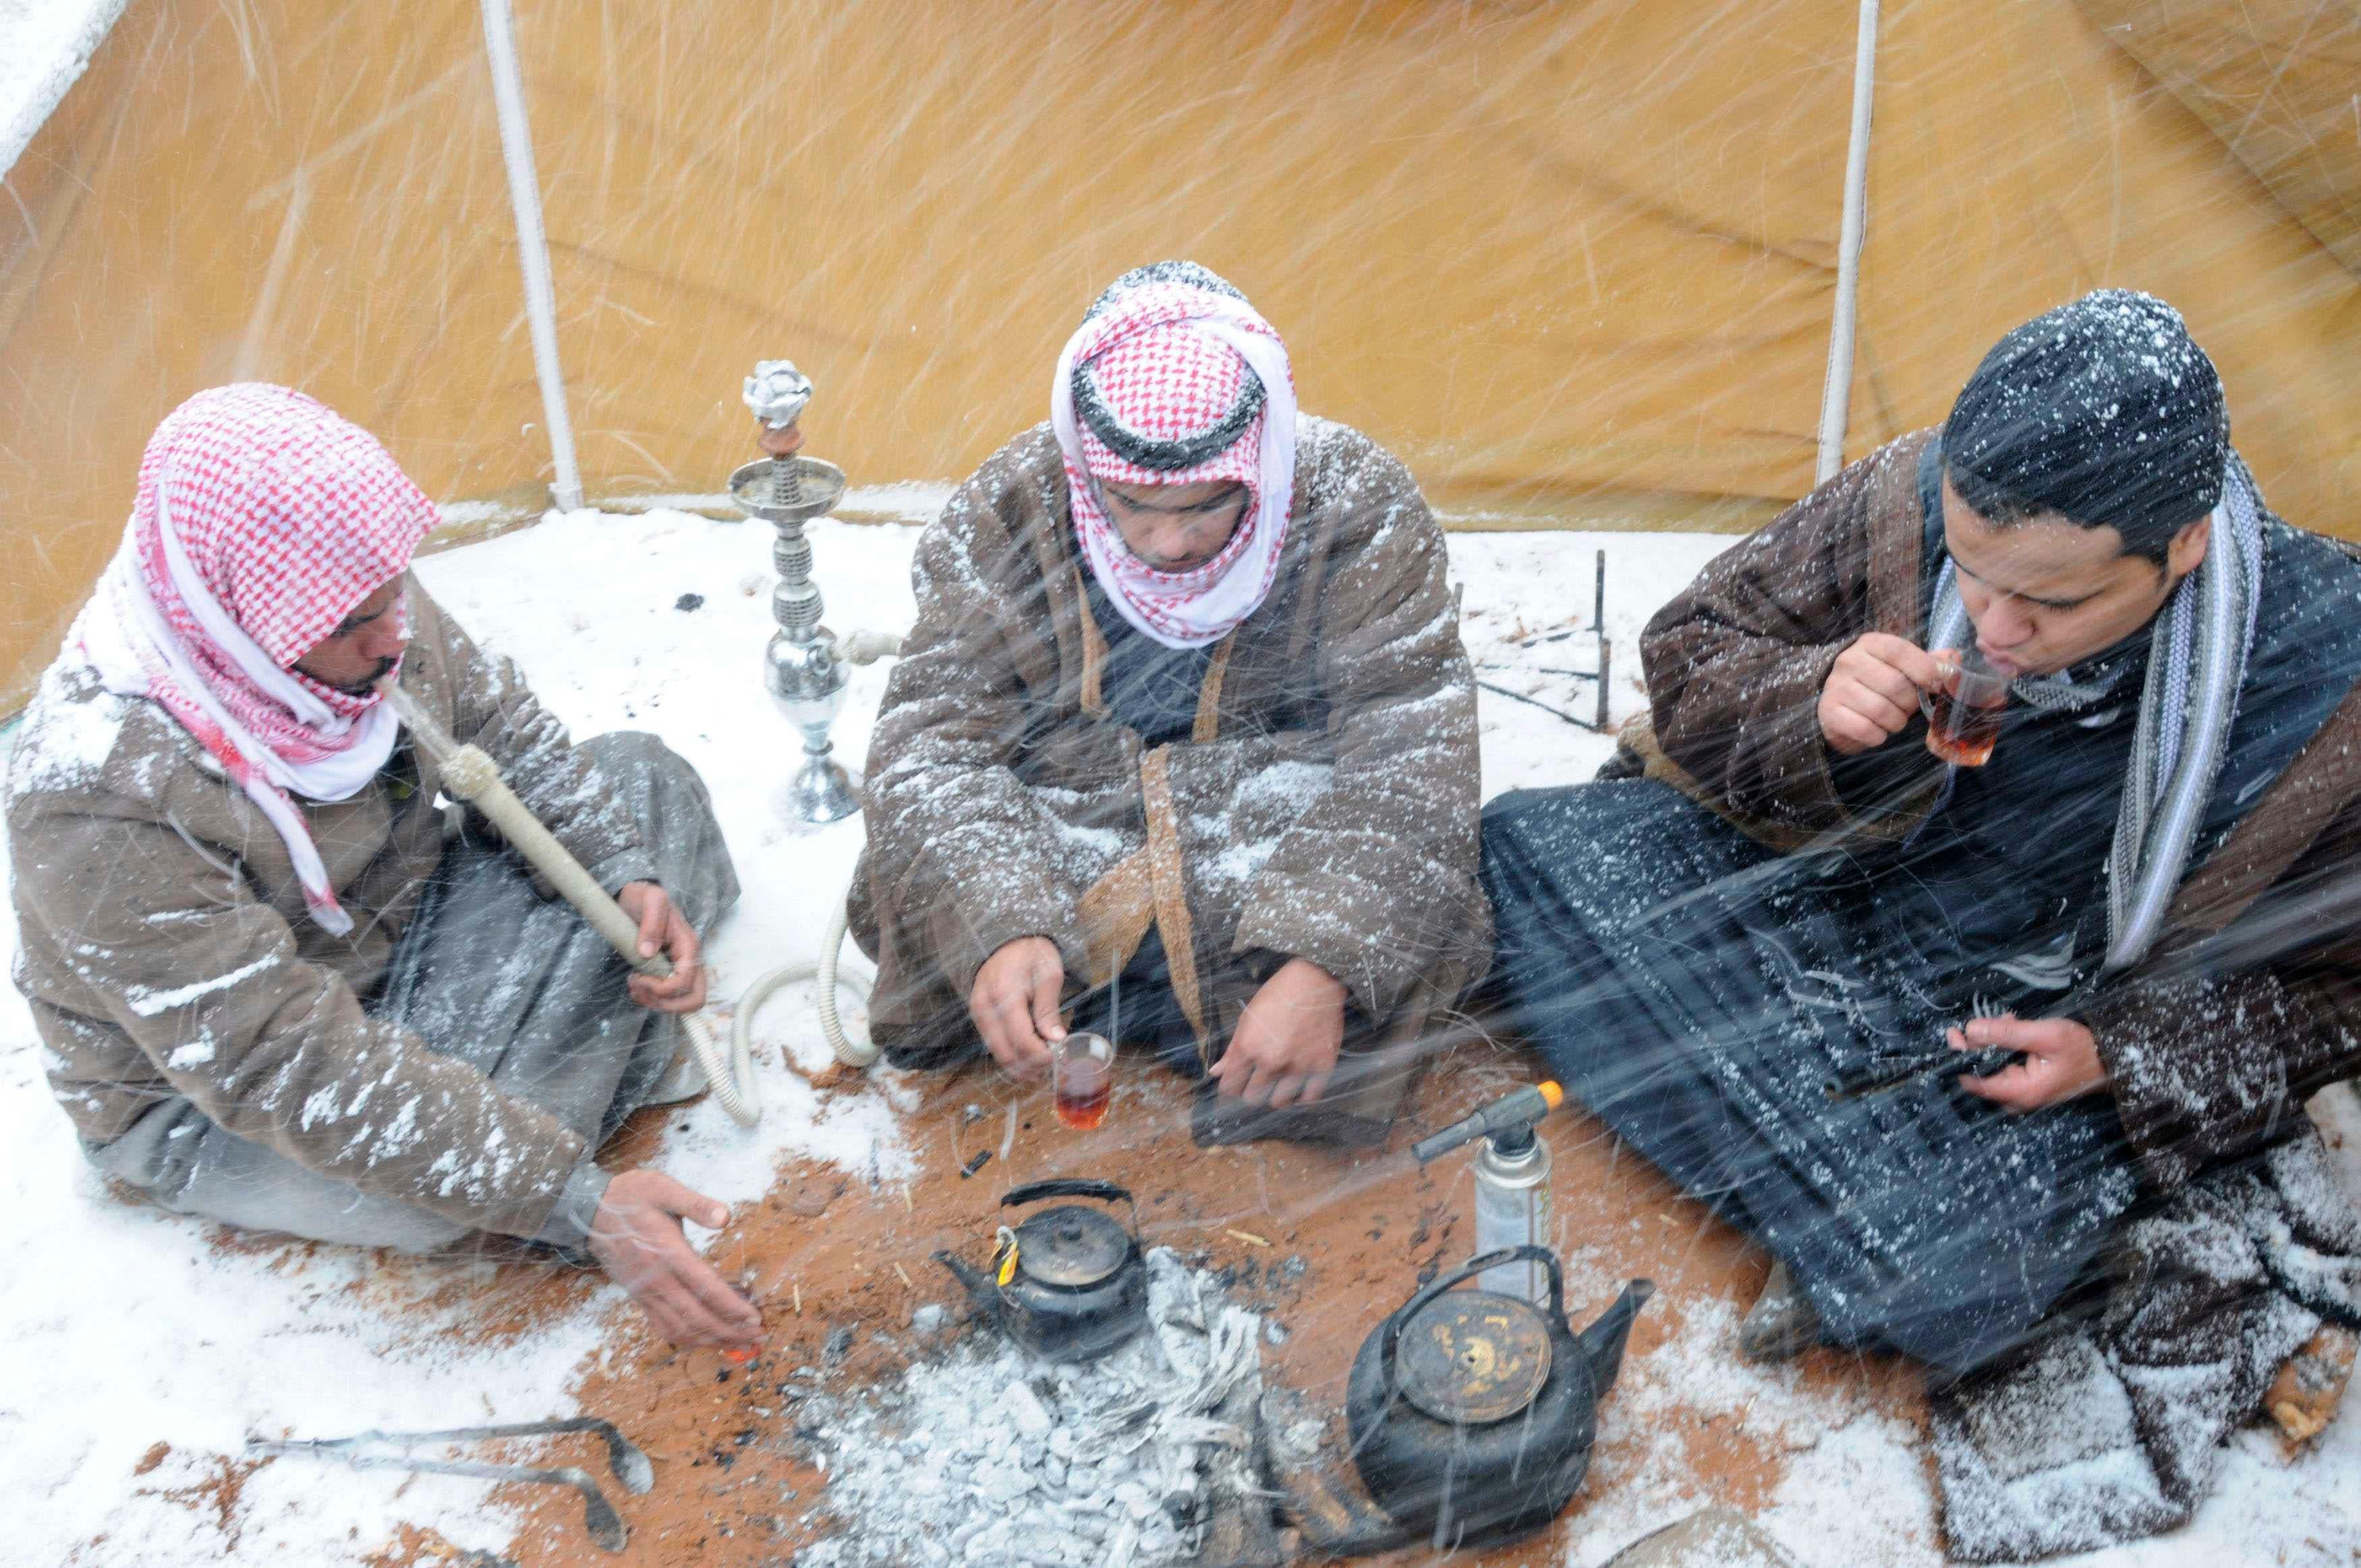 Mideast storm settles snow on Saudi Arabia